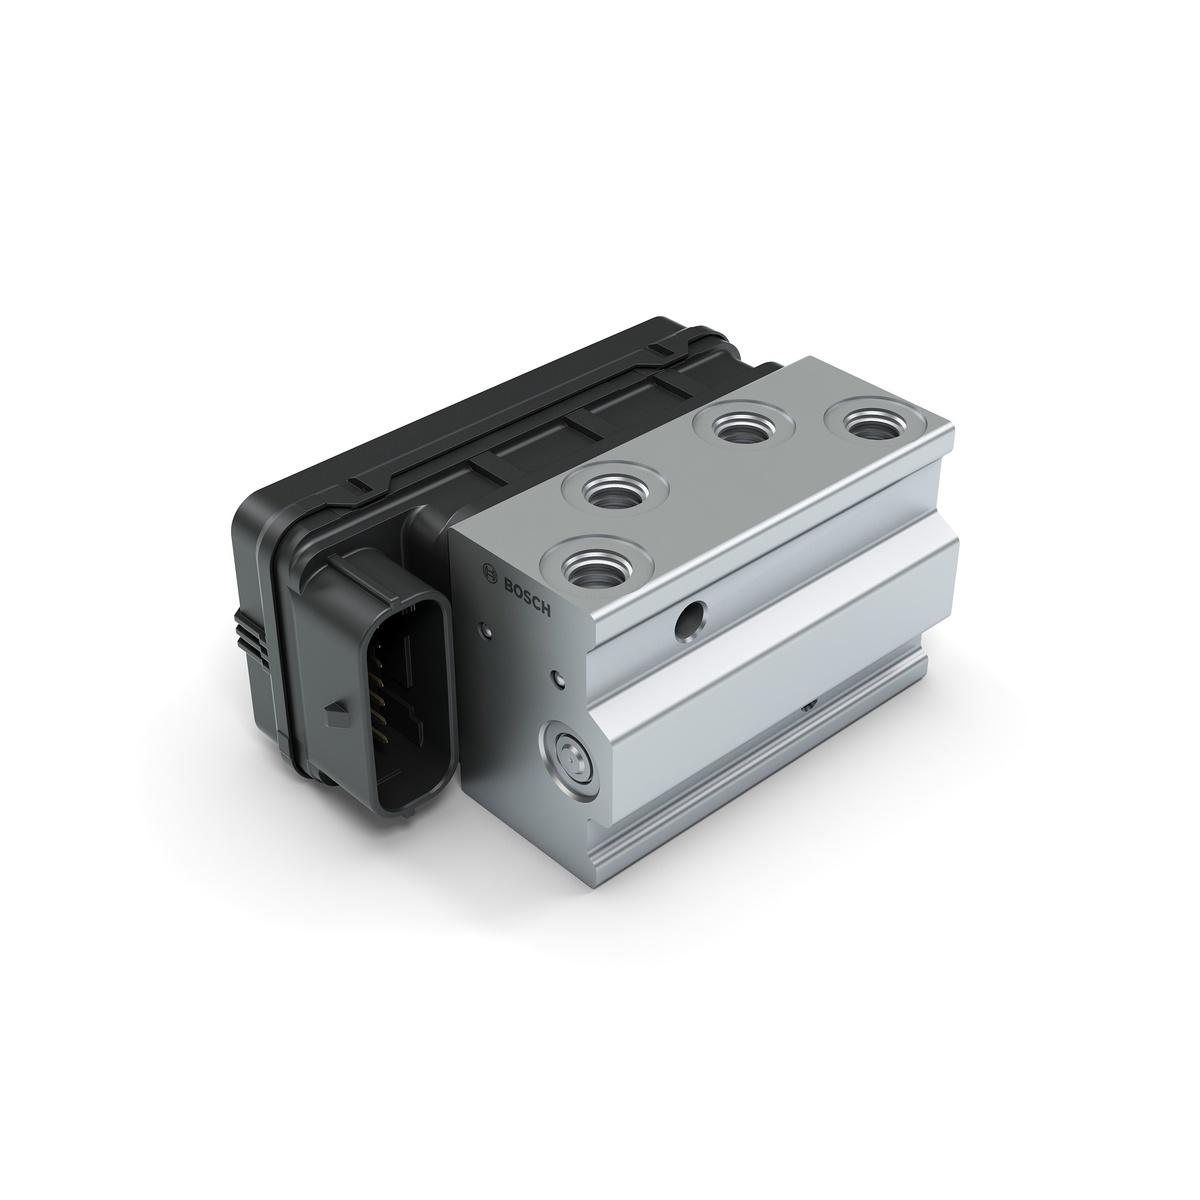 Bosch ABS 10